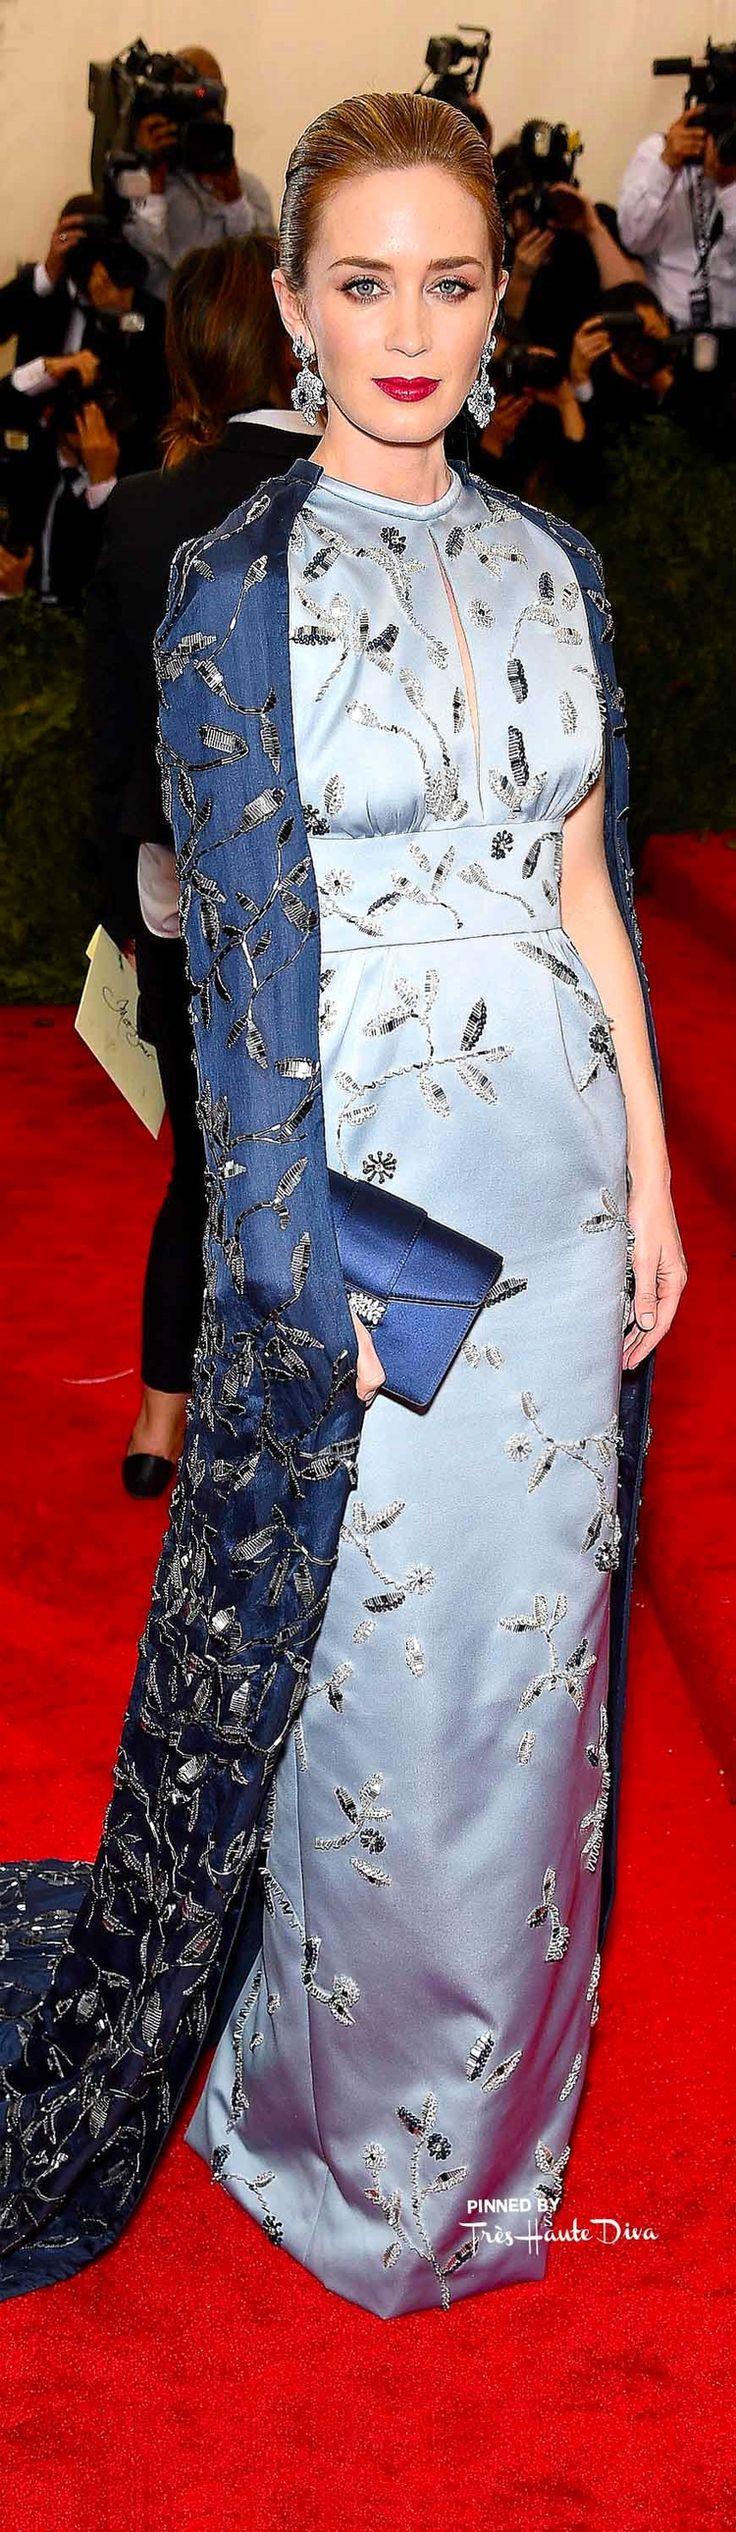 Emily Blunt in Prada ♔ Très Haute Diva ♔